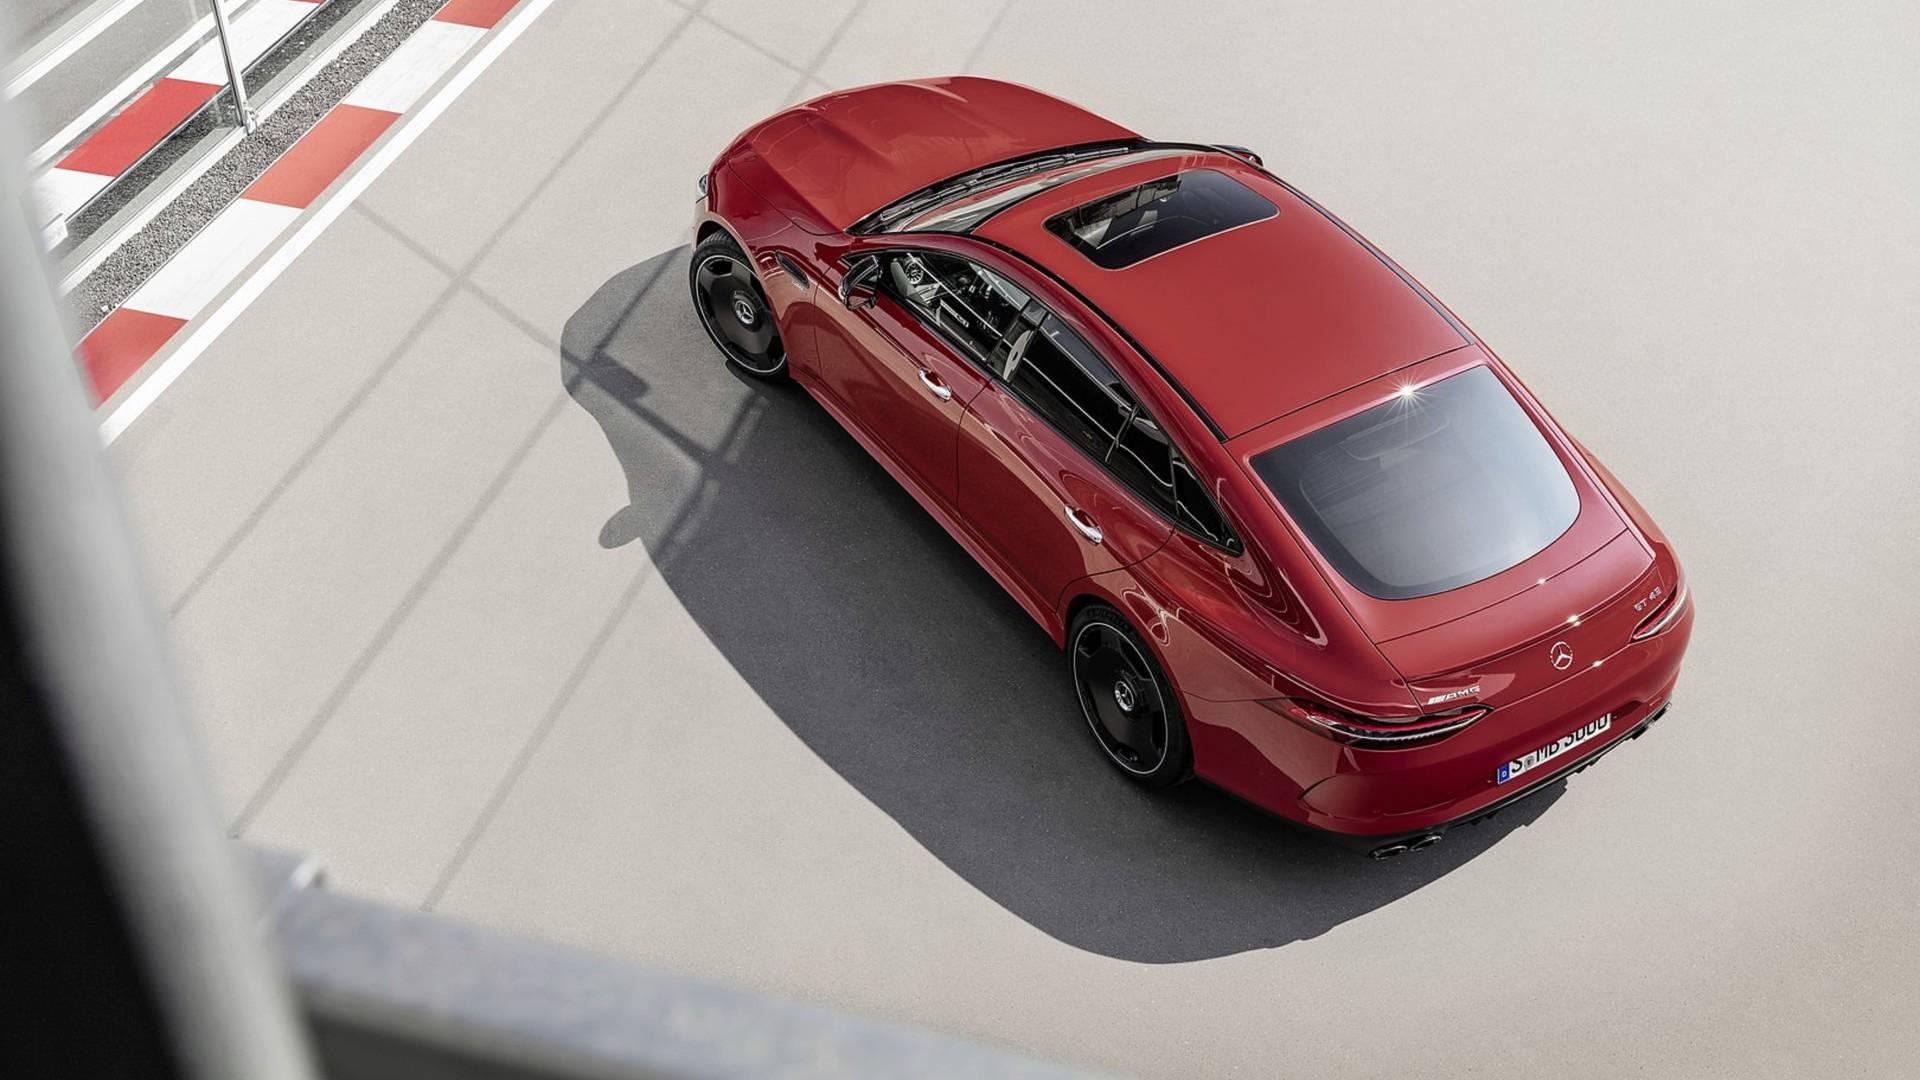 2019-mercedes-amg-gt-43-four-door-coupe (5).jpg